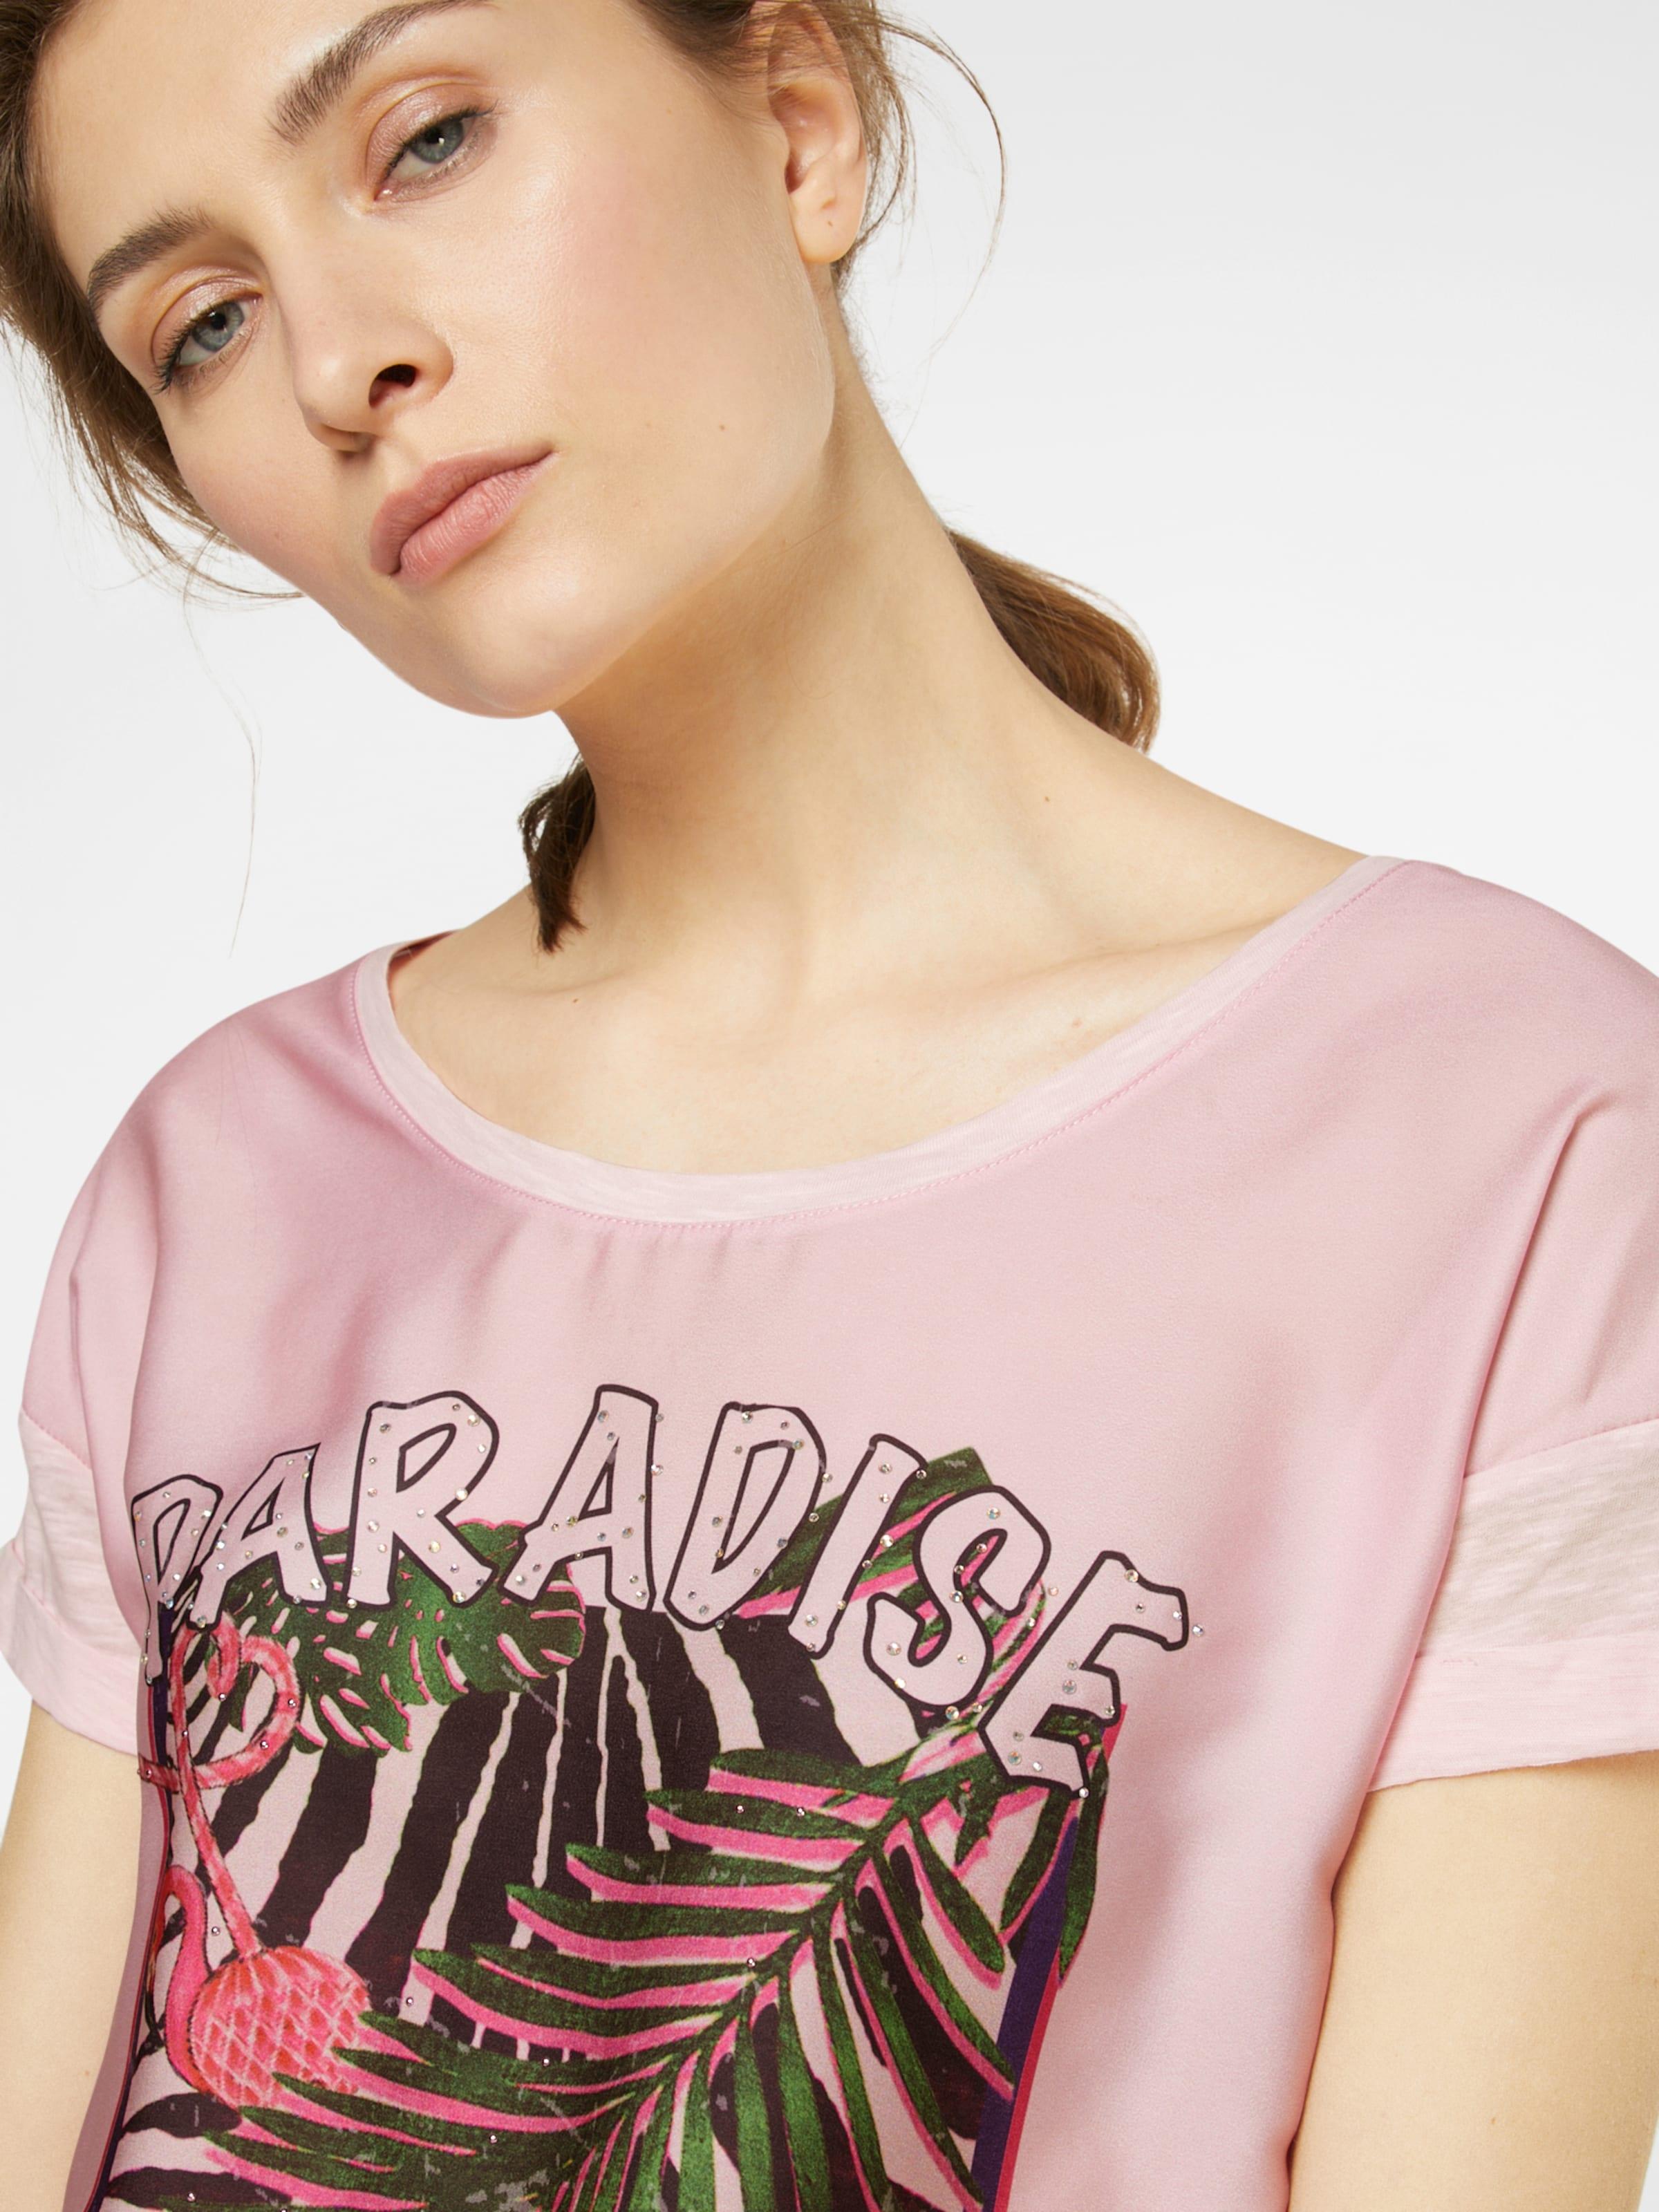 Billig Verkauf Sammlungen Rich & Royal Motiv T-Shirt Bestseller Zum Verkauf Online Wie Vielen Verkauf Geniue Händler oDrGUa